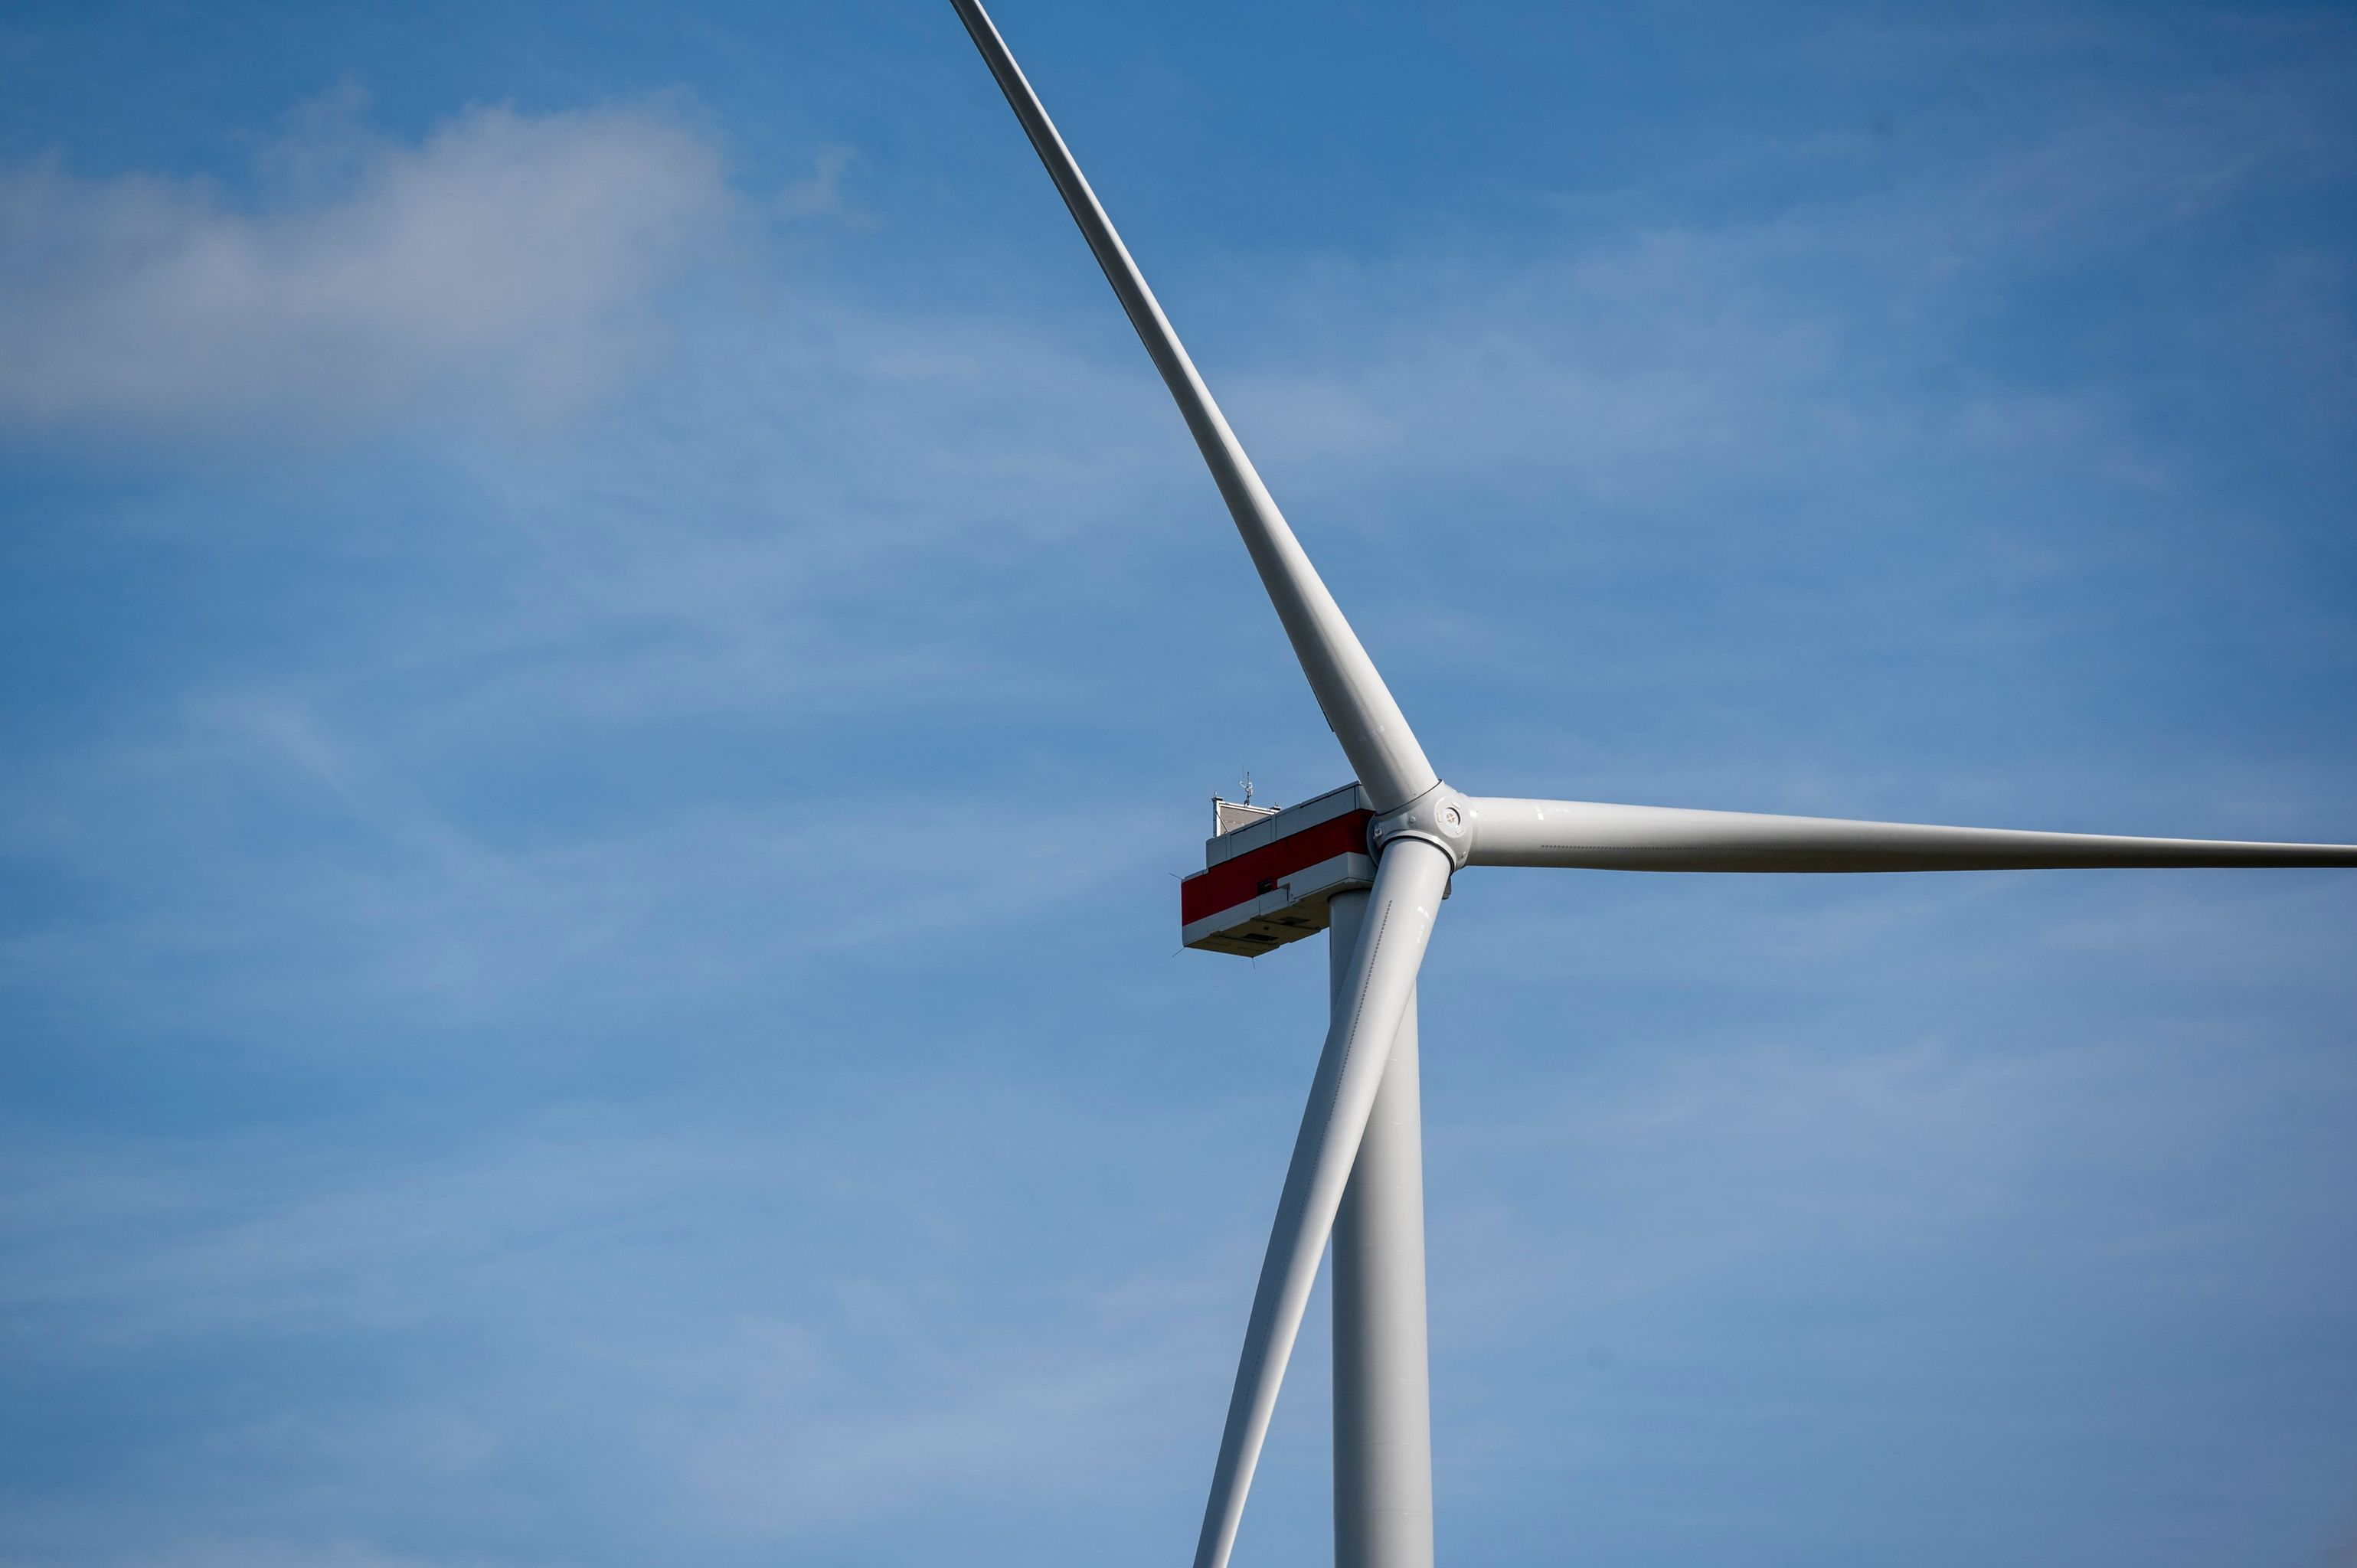 2020: Erstmals mehr grüner als fossiler Strom in der EU erzeugt